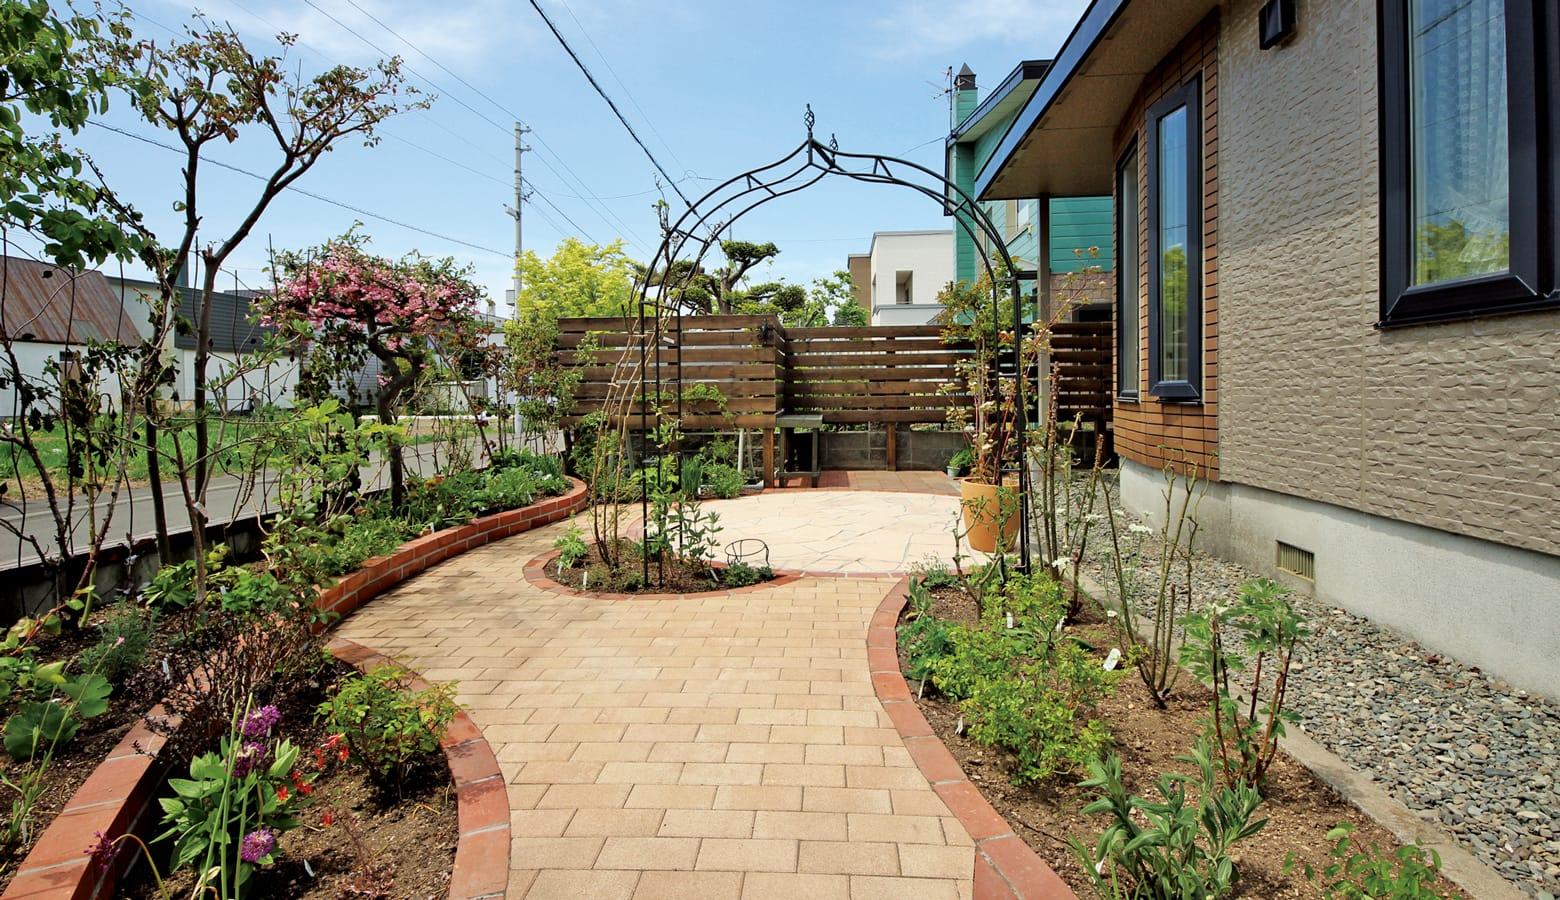 植栽を減らしすっきりとしたお庭にリガーデン